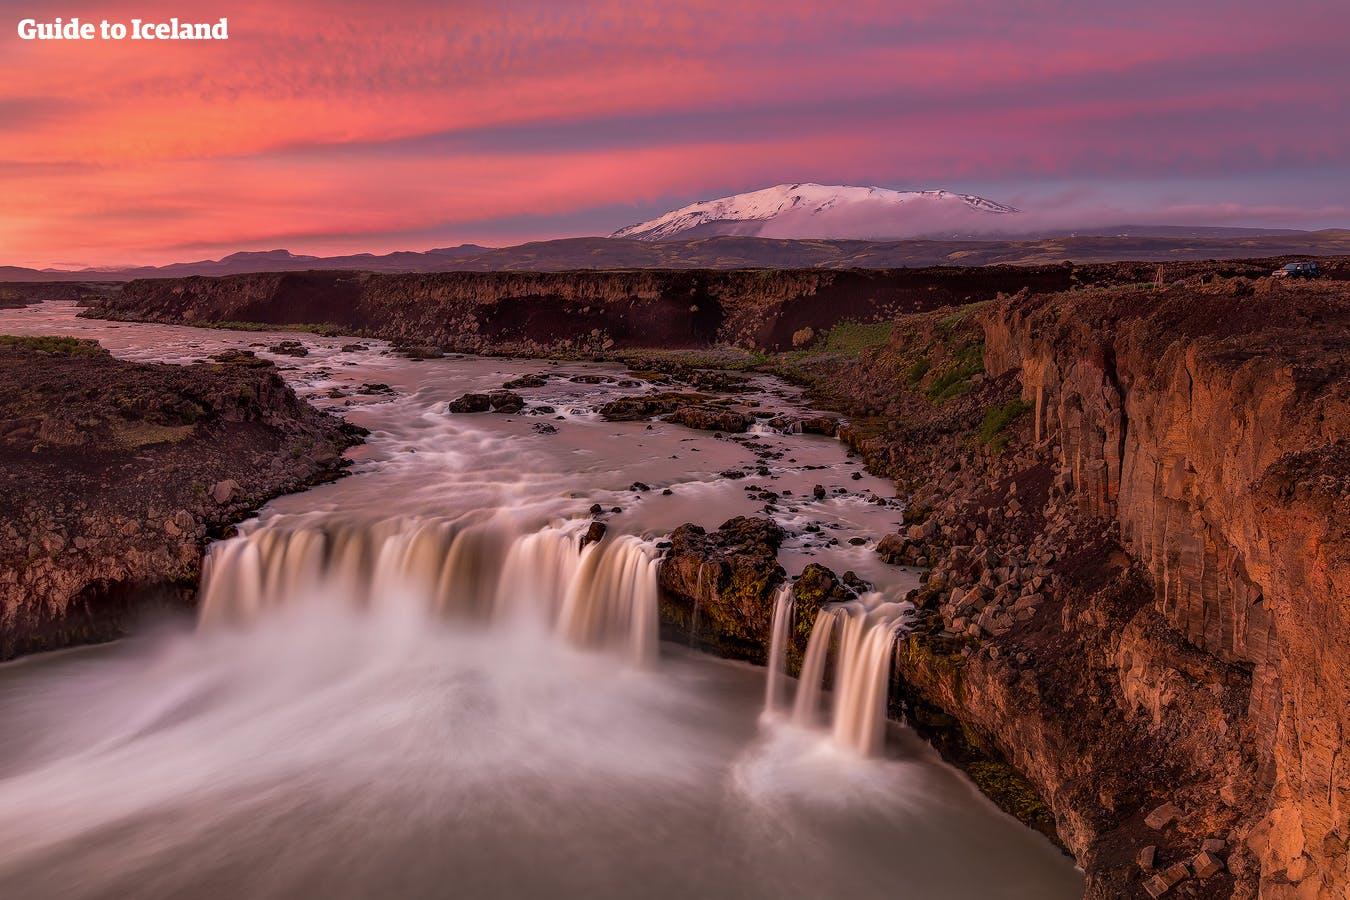 冰岛北部午夜阳光下的众神瀑布熠熠生辉